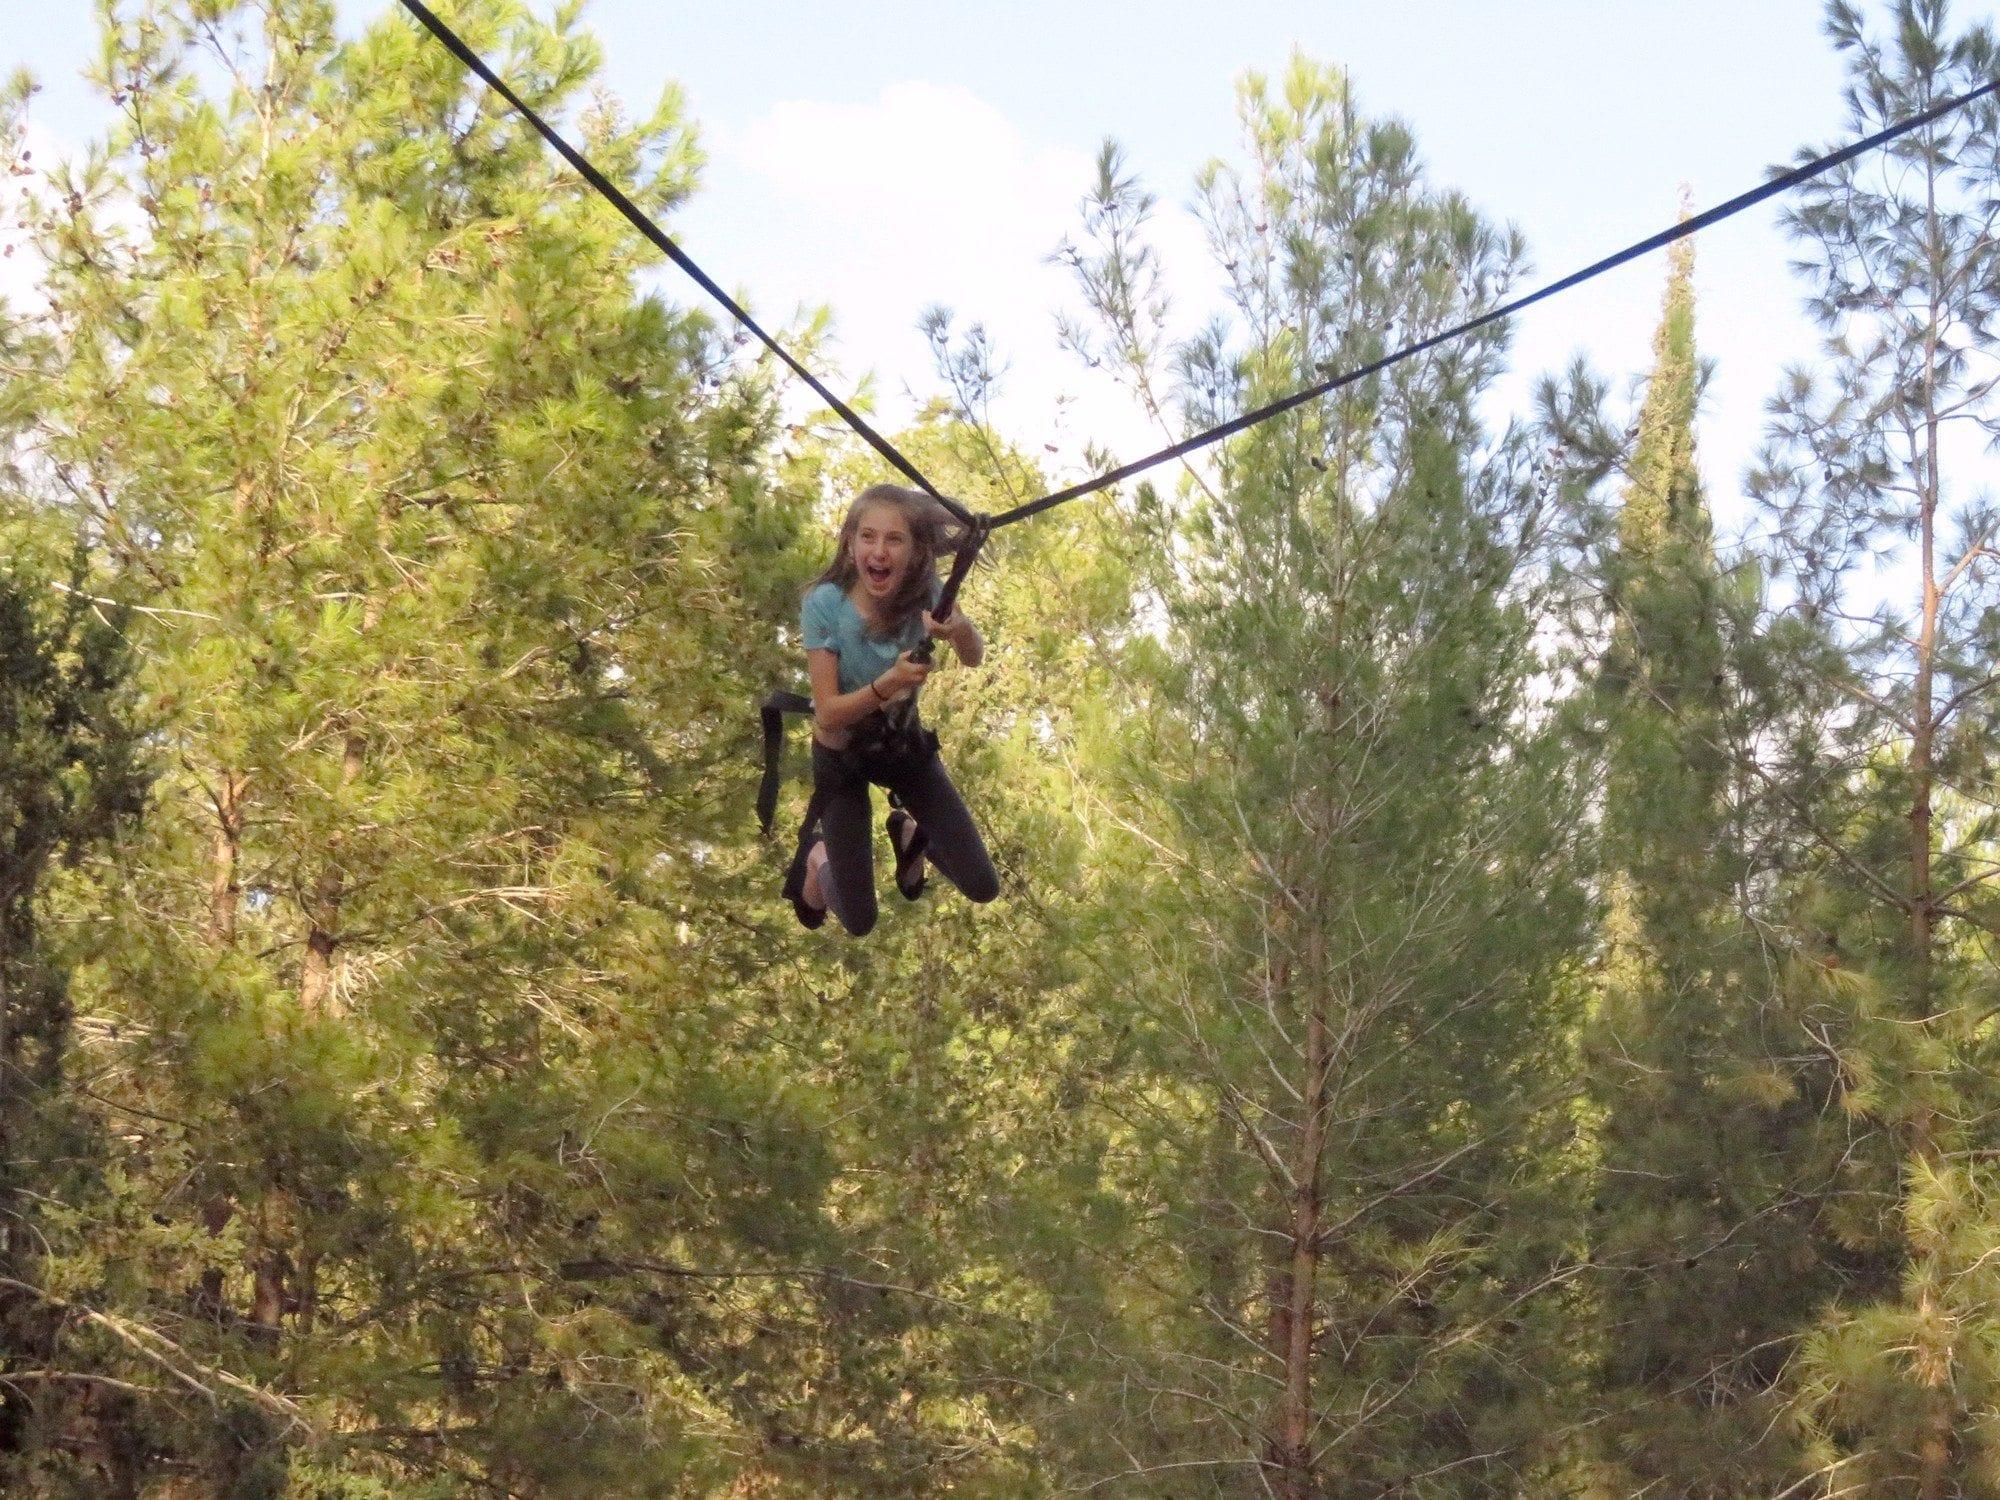 באנג'י נדנדה - בת מצווה עם ערוצים בטבע